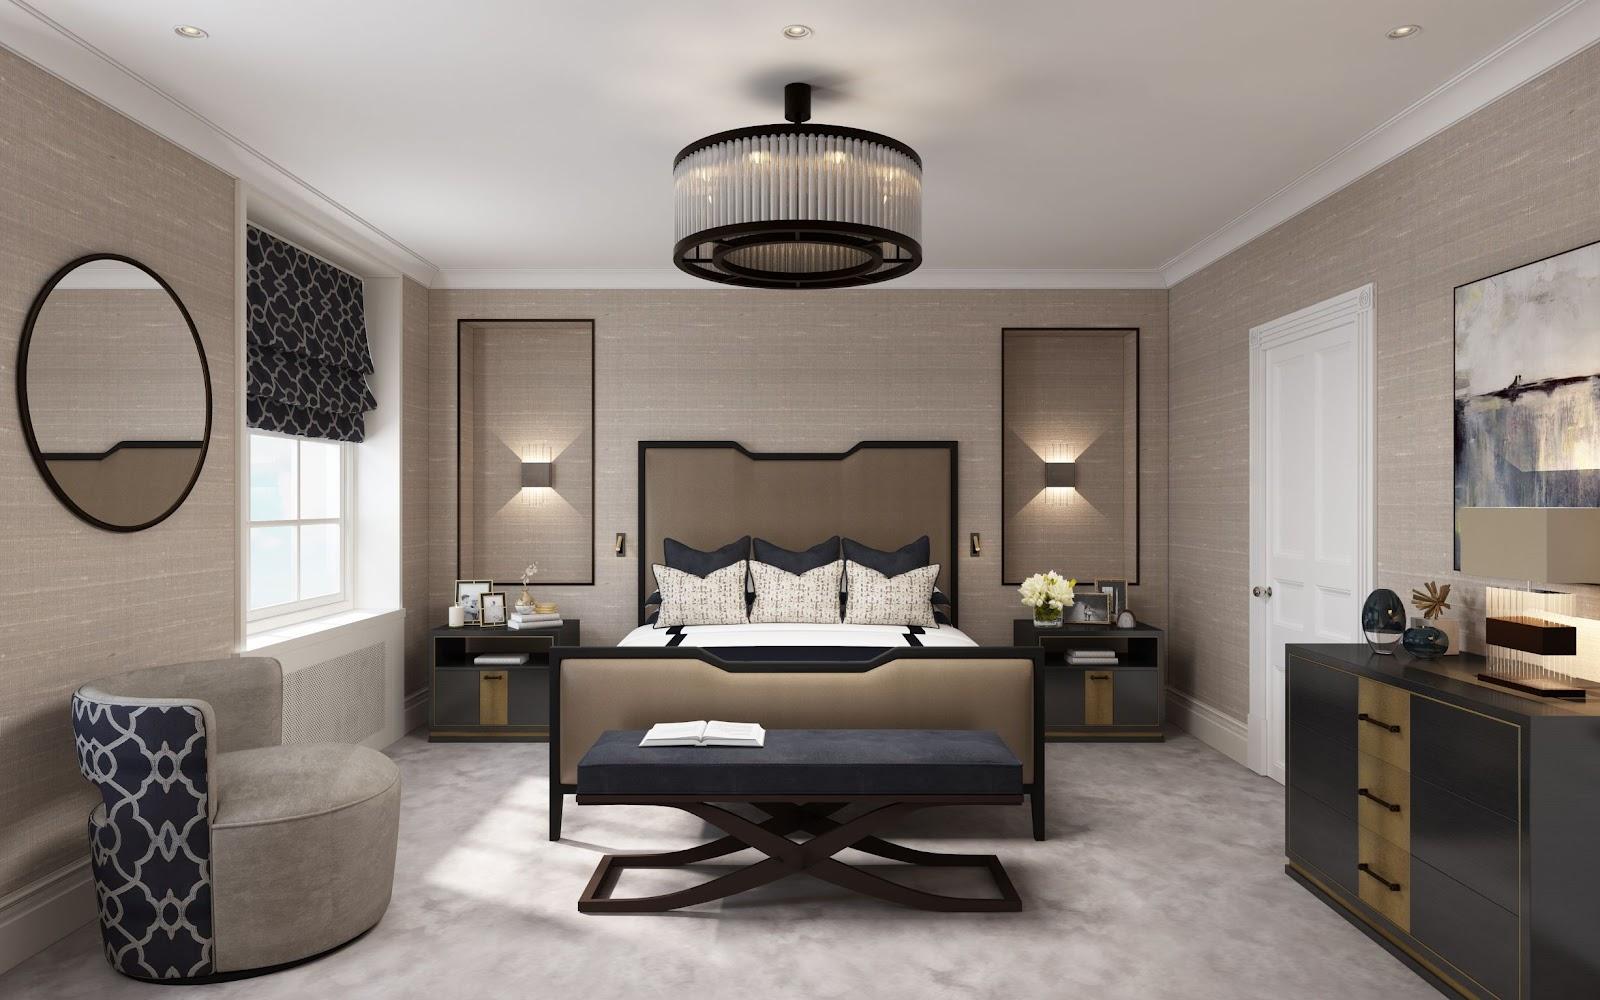 Inspirasi lighting pada kamar tidur dengan memanfaatkan wall sconces, lampu gantung, dan floor lamps - source: luxdeco.com